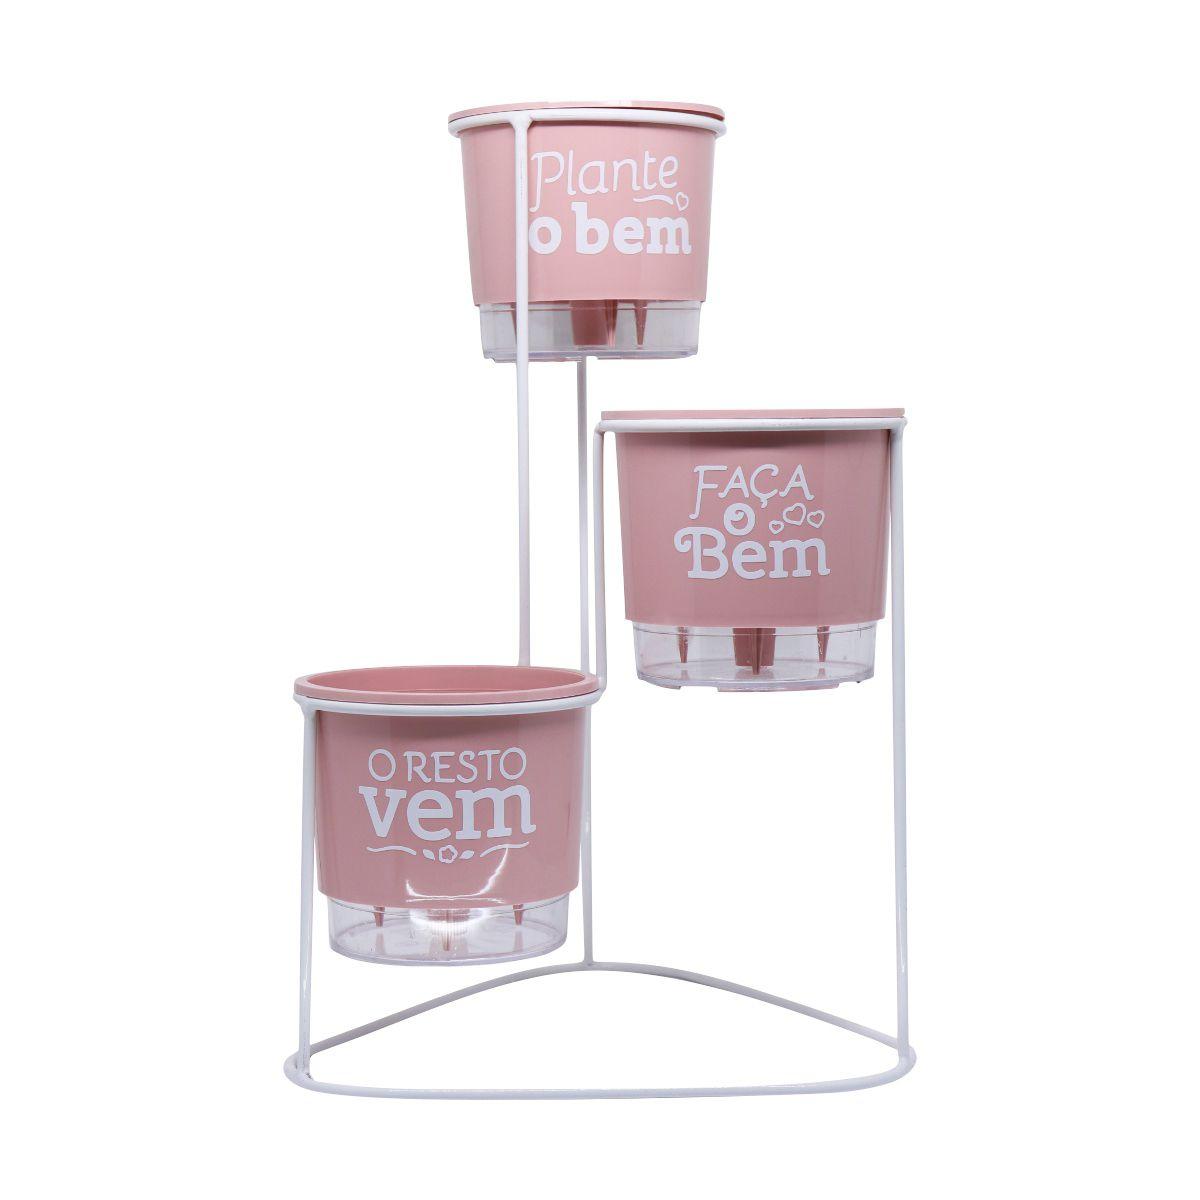 Conjunto Cascata com Vasos Autoirrigáveis Plante o Bem Rosa Quartzo